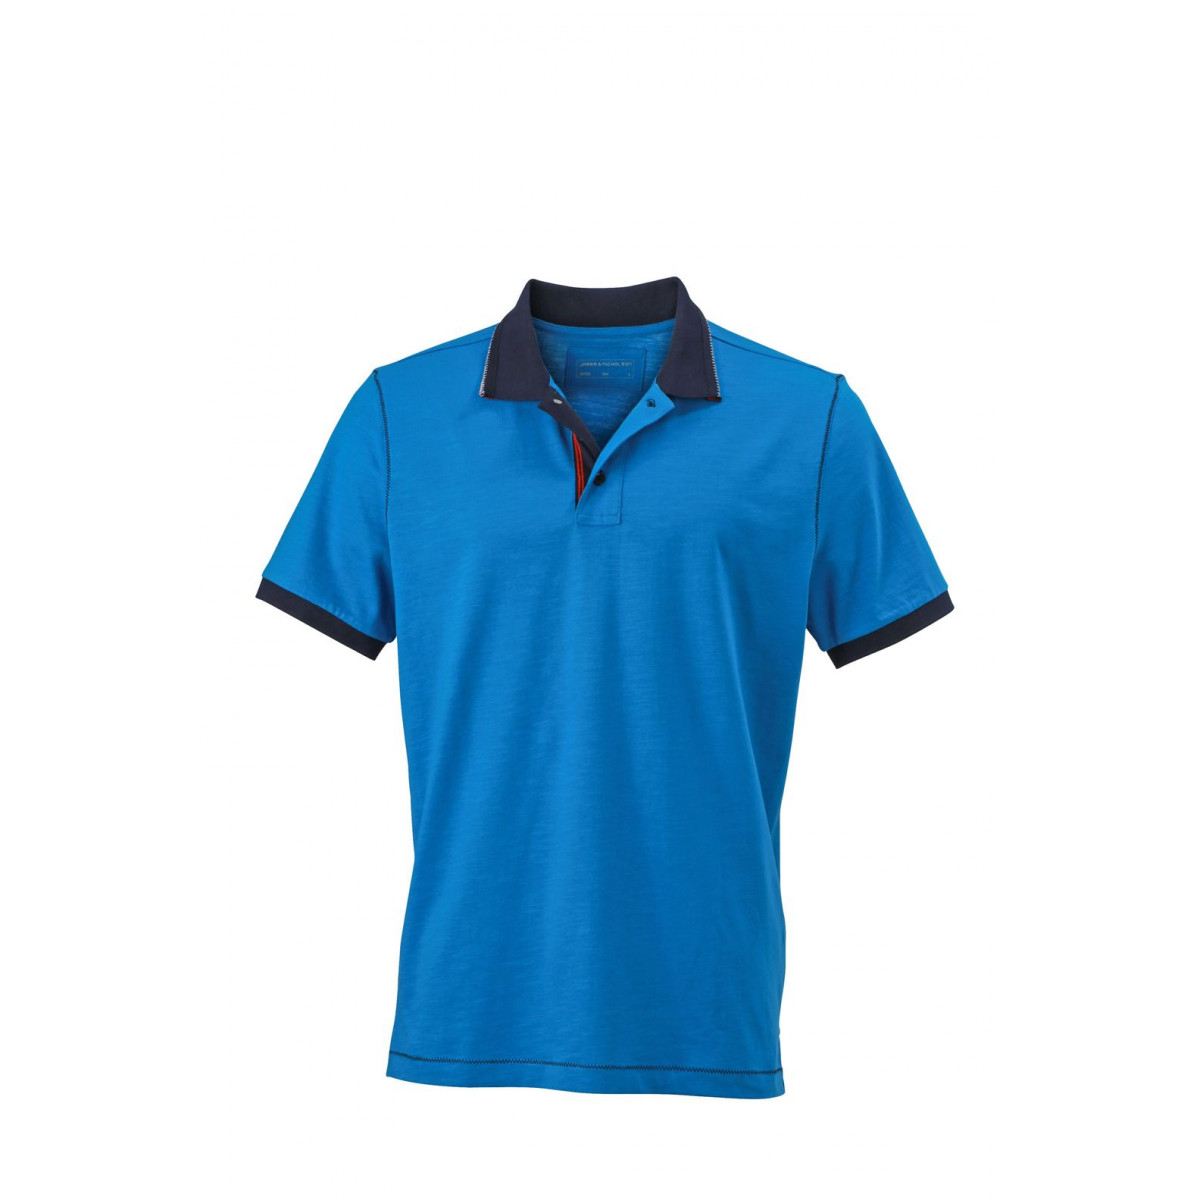 Рубашка поло мужская JN980 Mens Urban Polo - Ярко-синий/Темно-синий